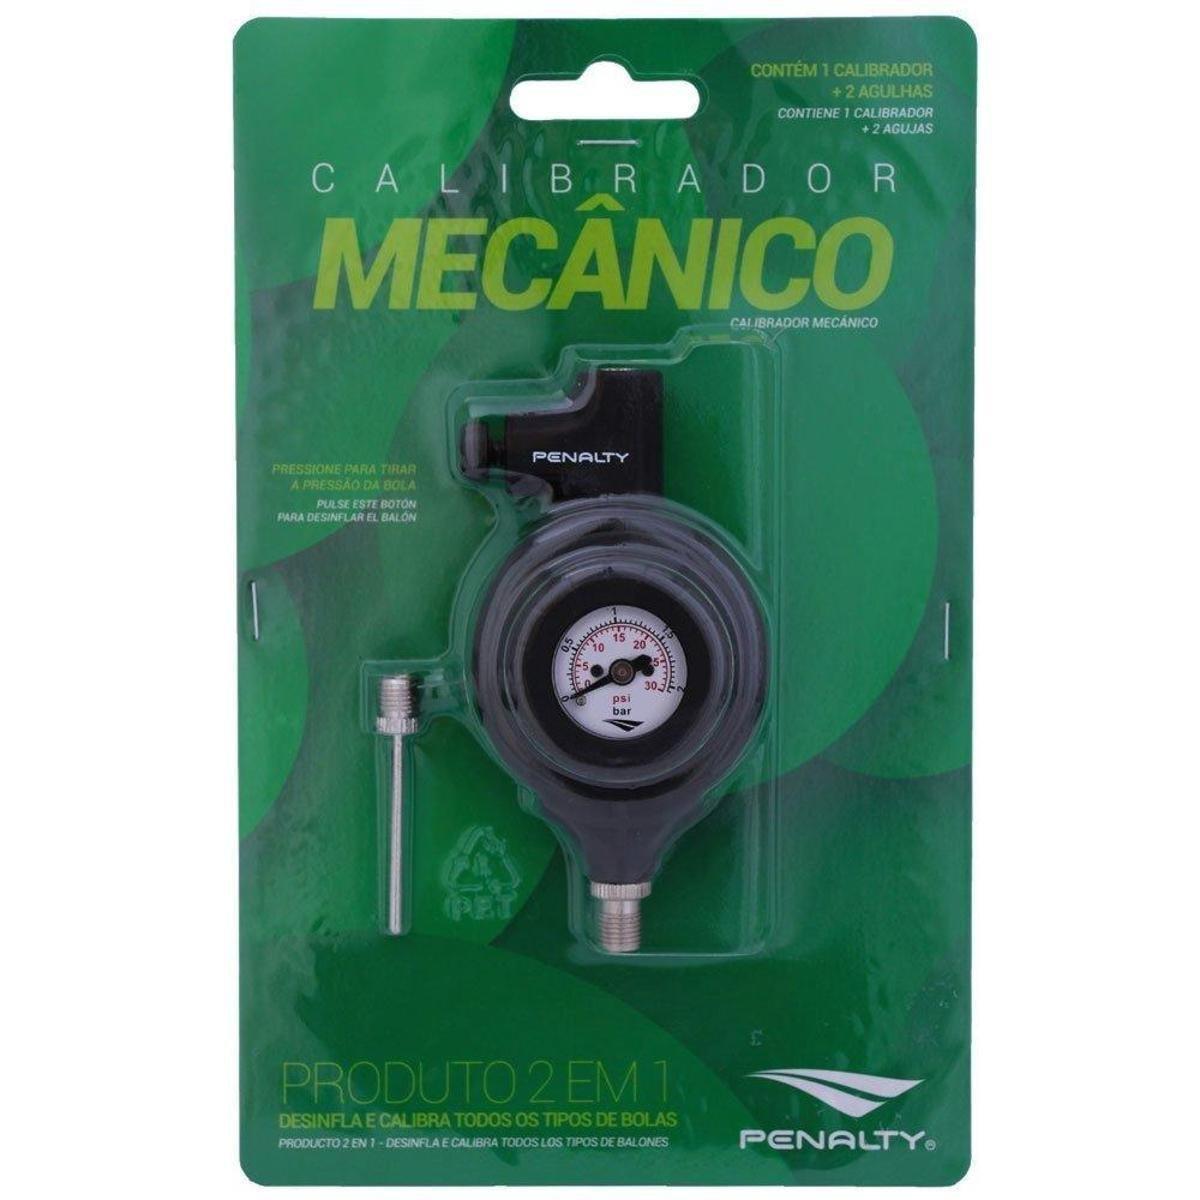 2131e77c78 Calibrador Penalty Mecânico - Compre Agora